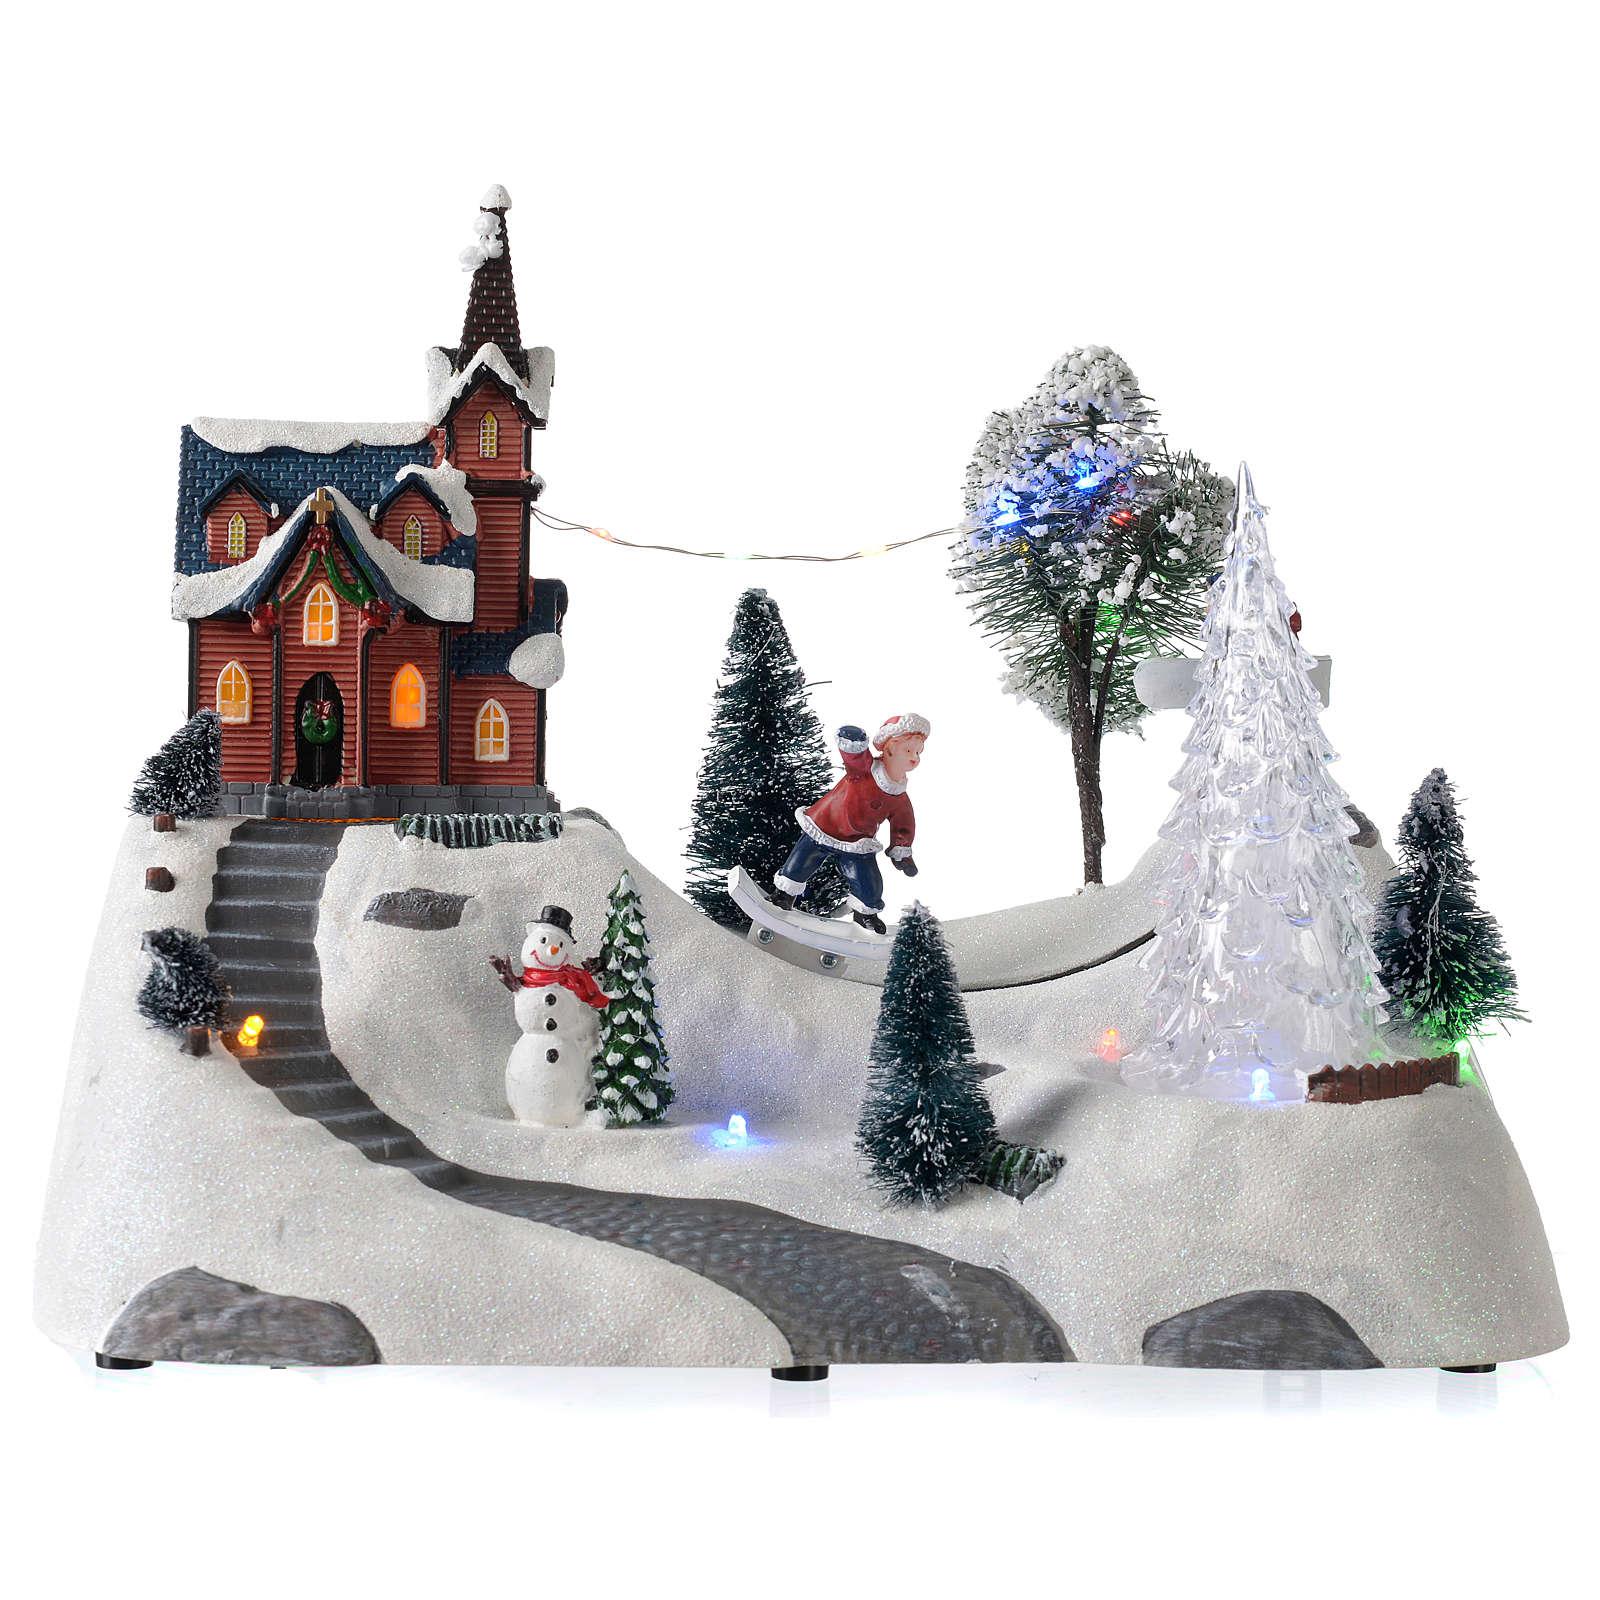 Scène Noël musique église bonhomme et sapin en mouvement 20x30x15 cm 3